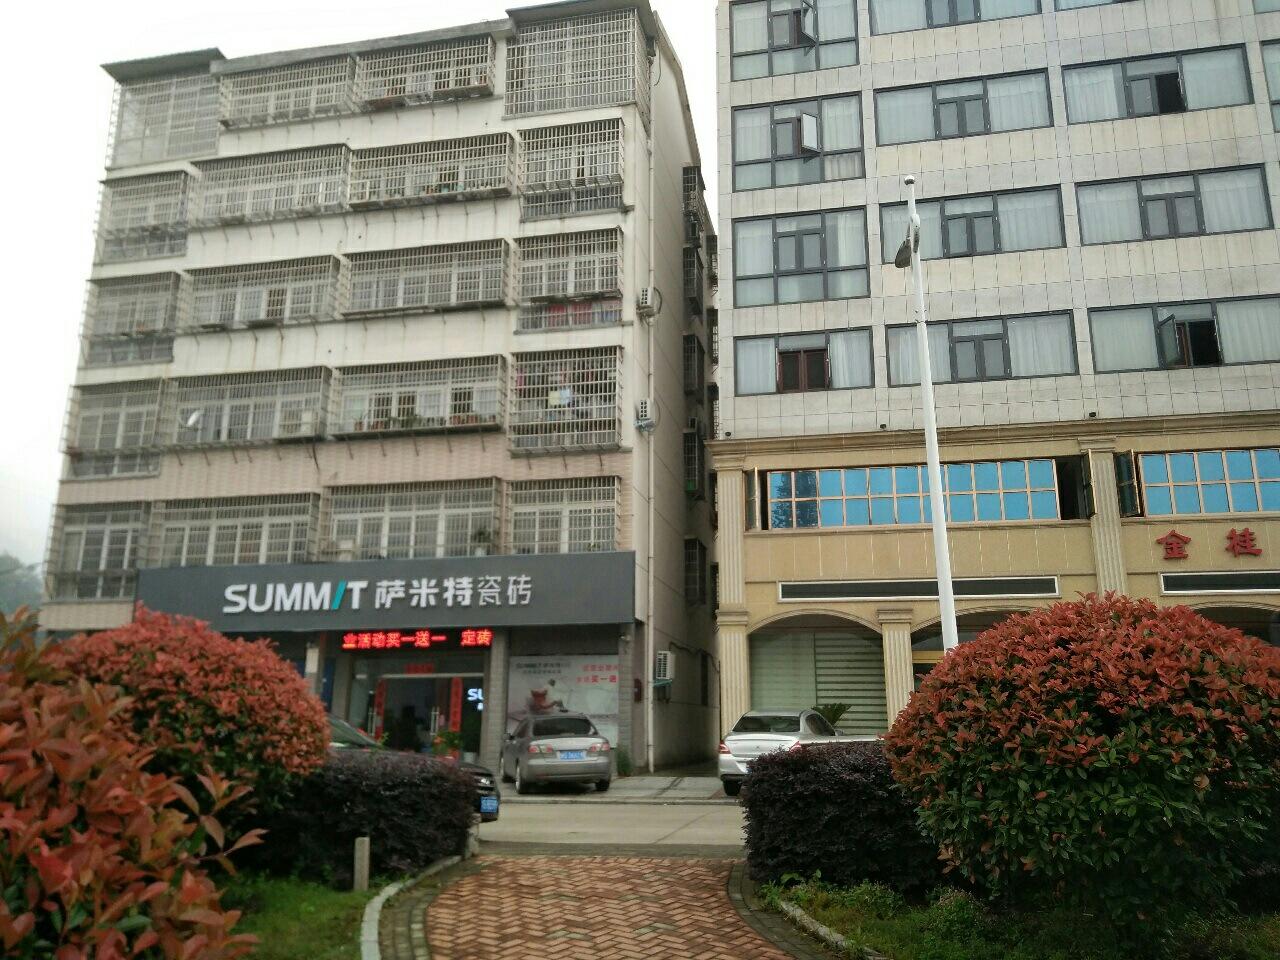 新县朝阳路桂花园小区3室 2厅 1厨 1卫53万元